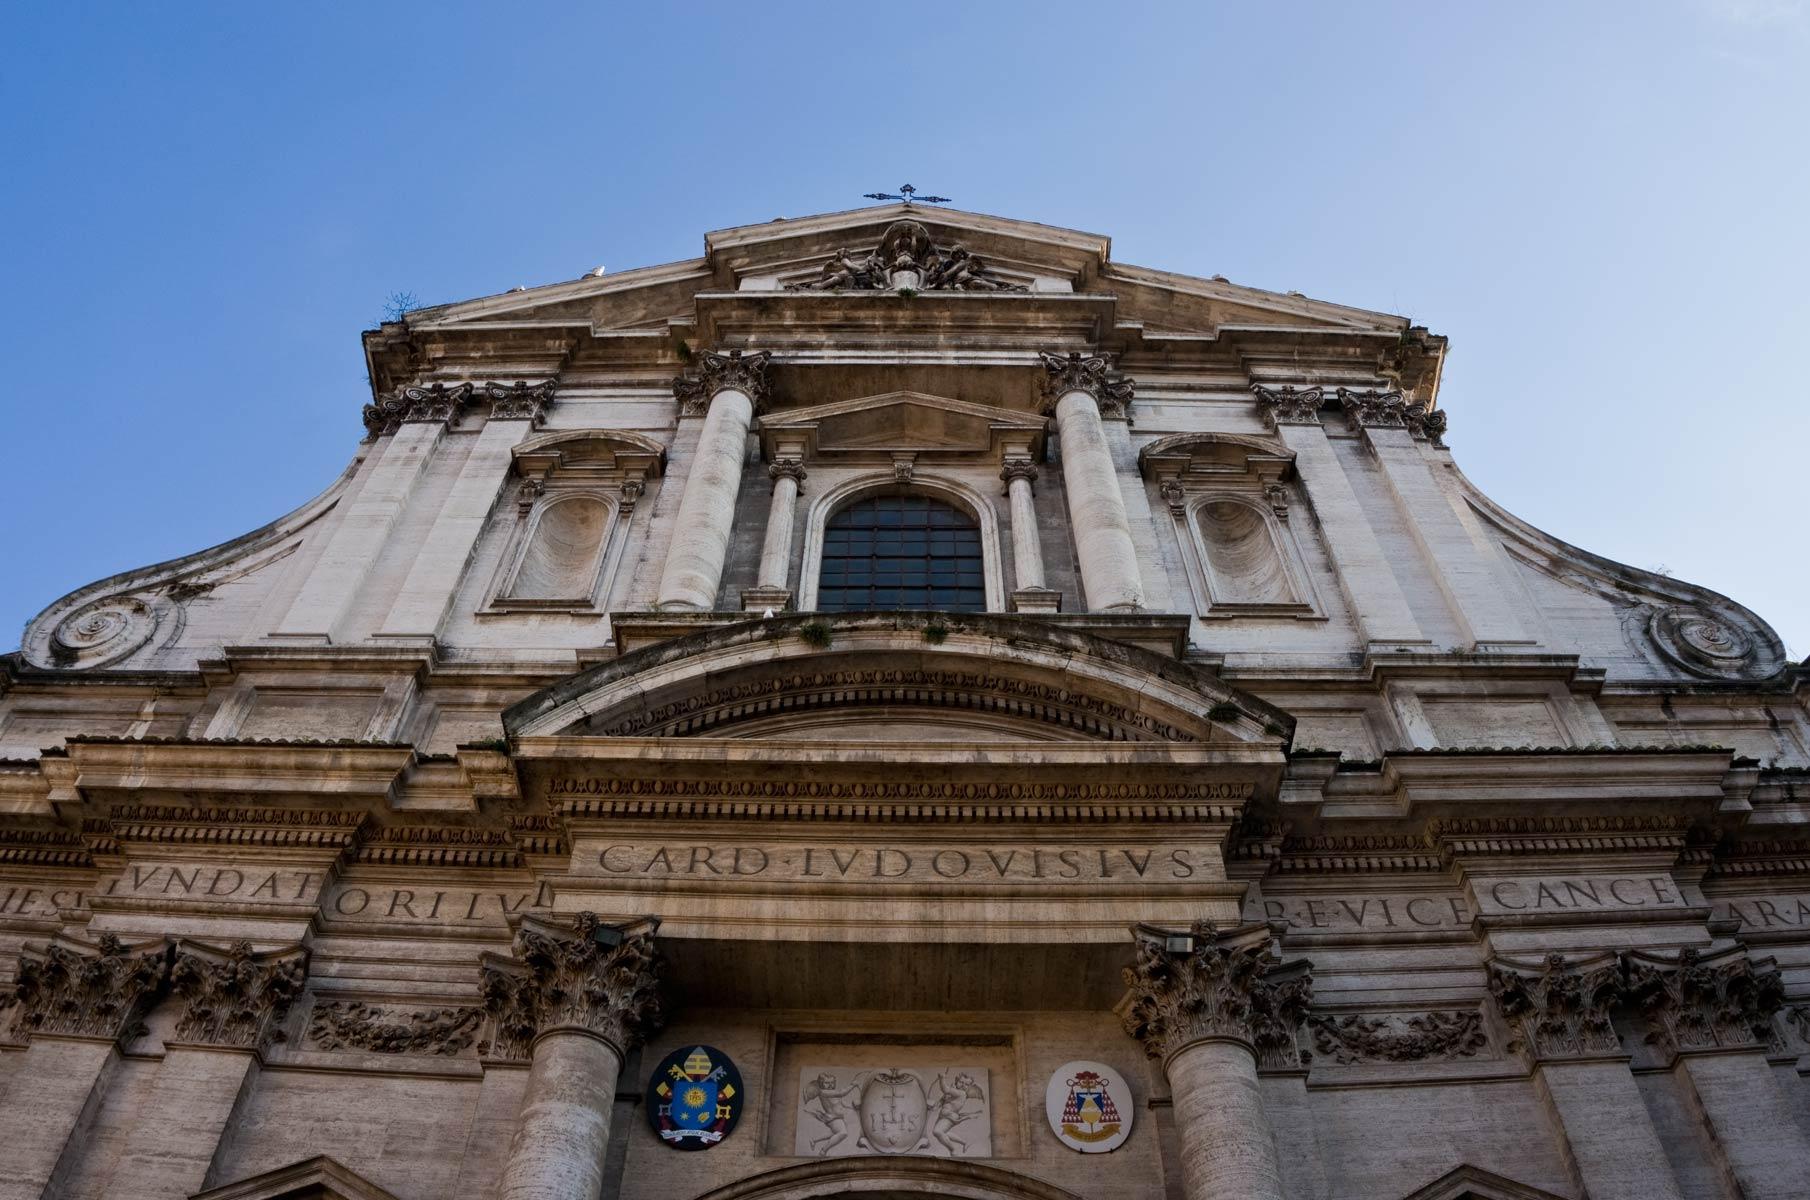 Kirche Sant'Ignazio di Loyola in Campo Marzio in Rom, Italien